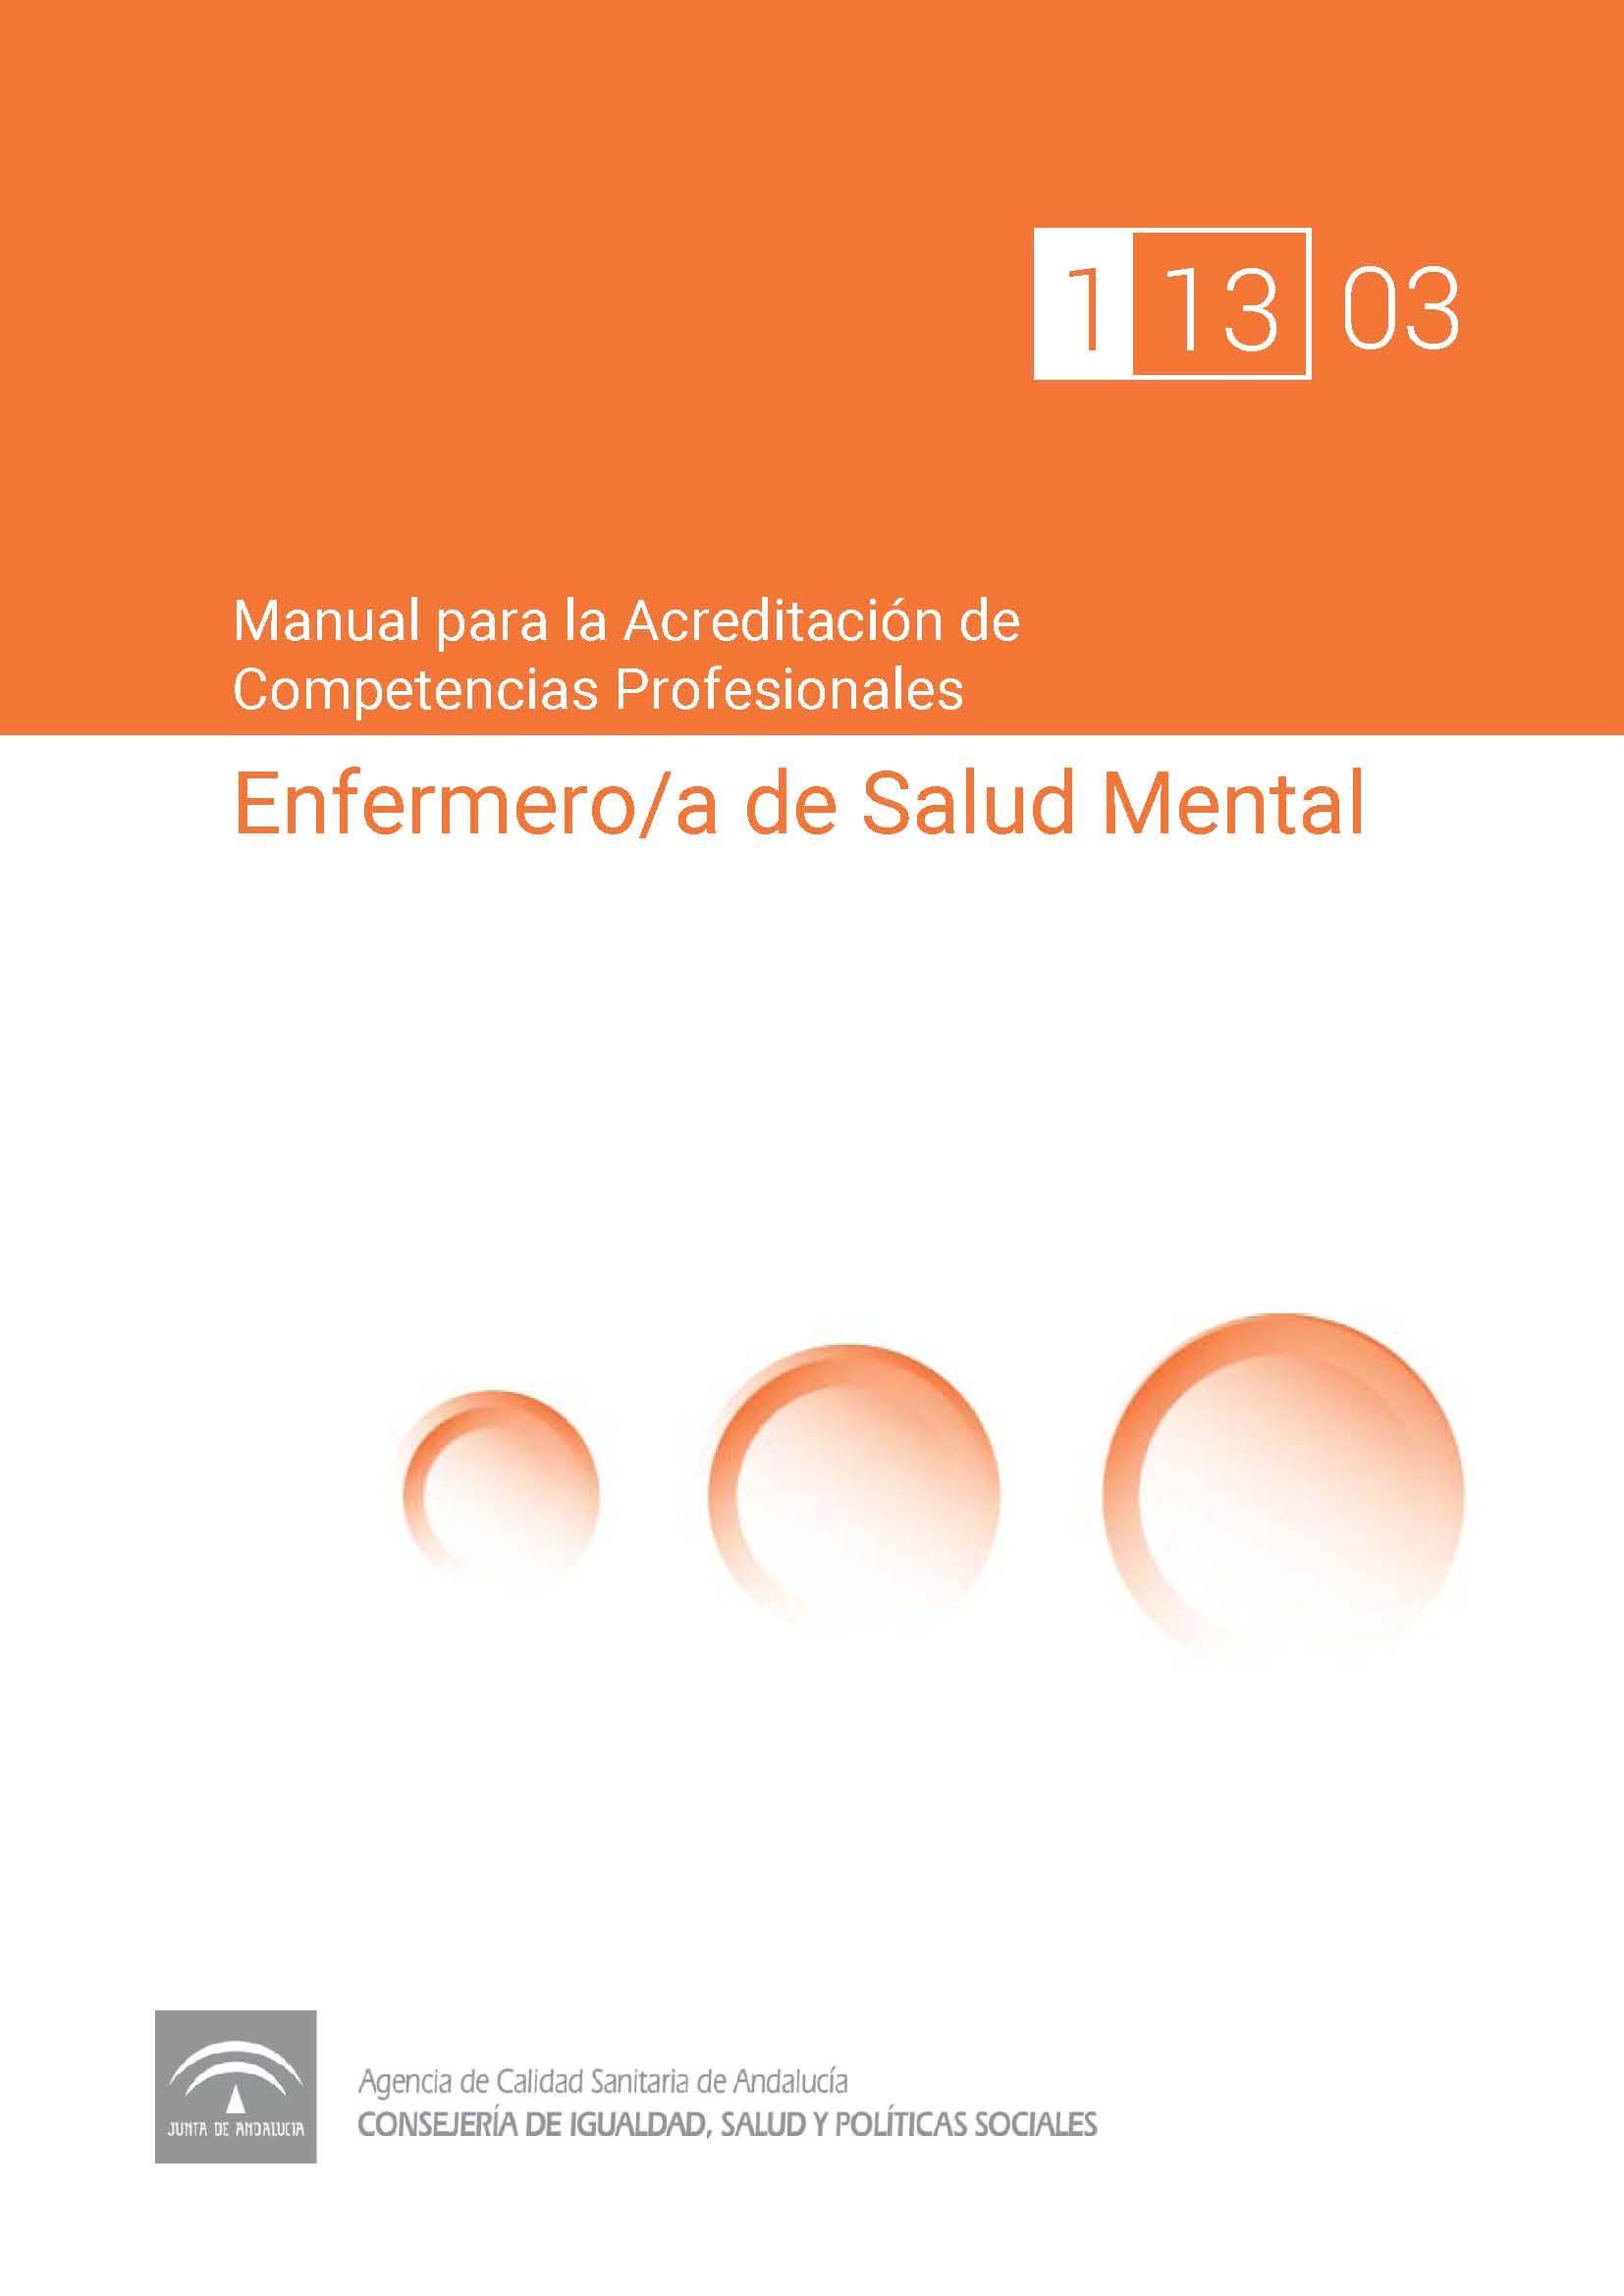 Manual de competencias profesionales del/de la Enfermero/a de Salud Mental